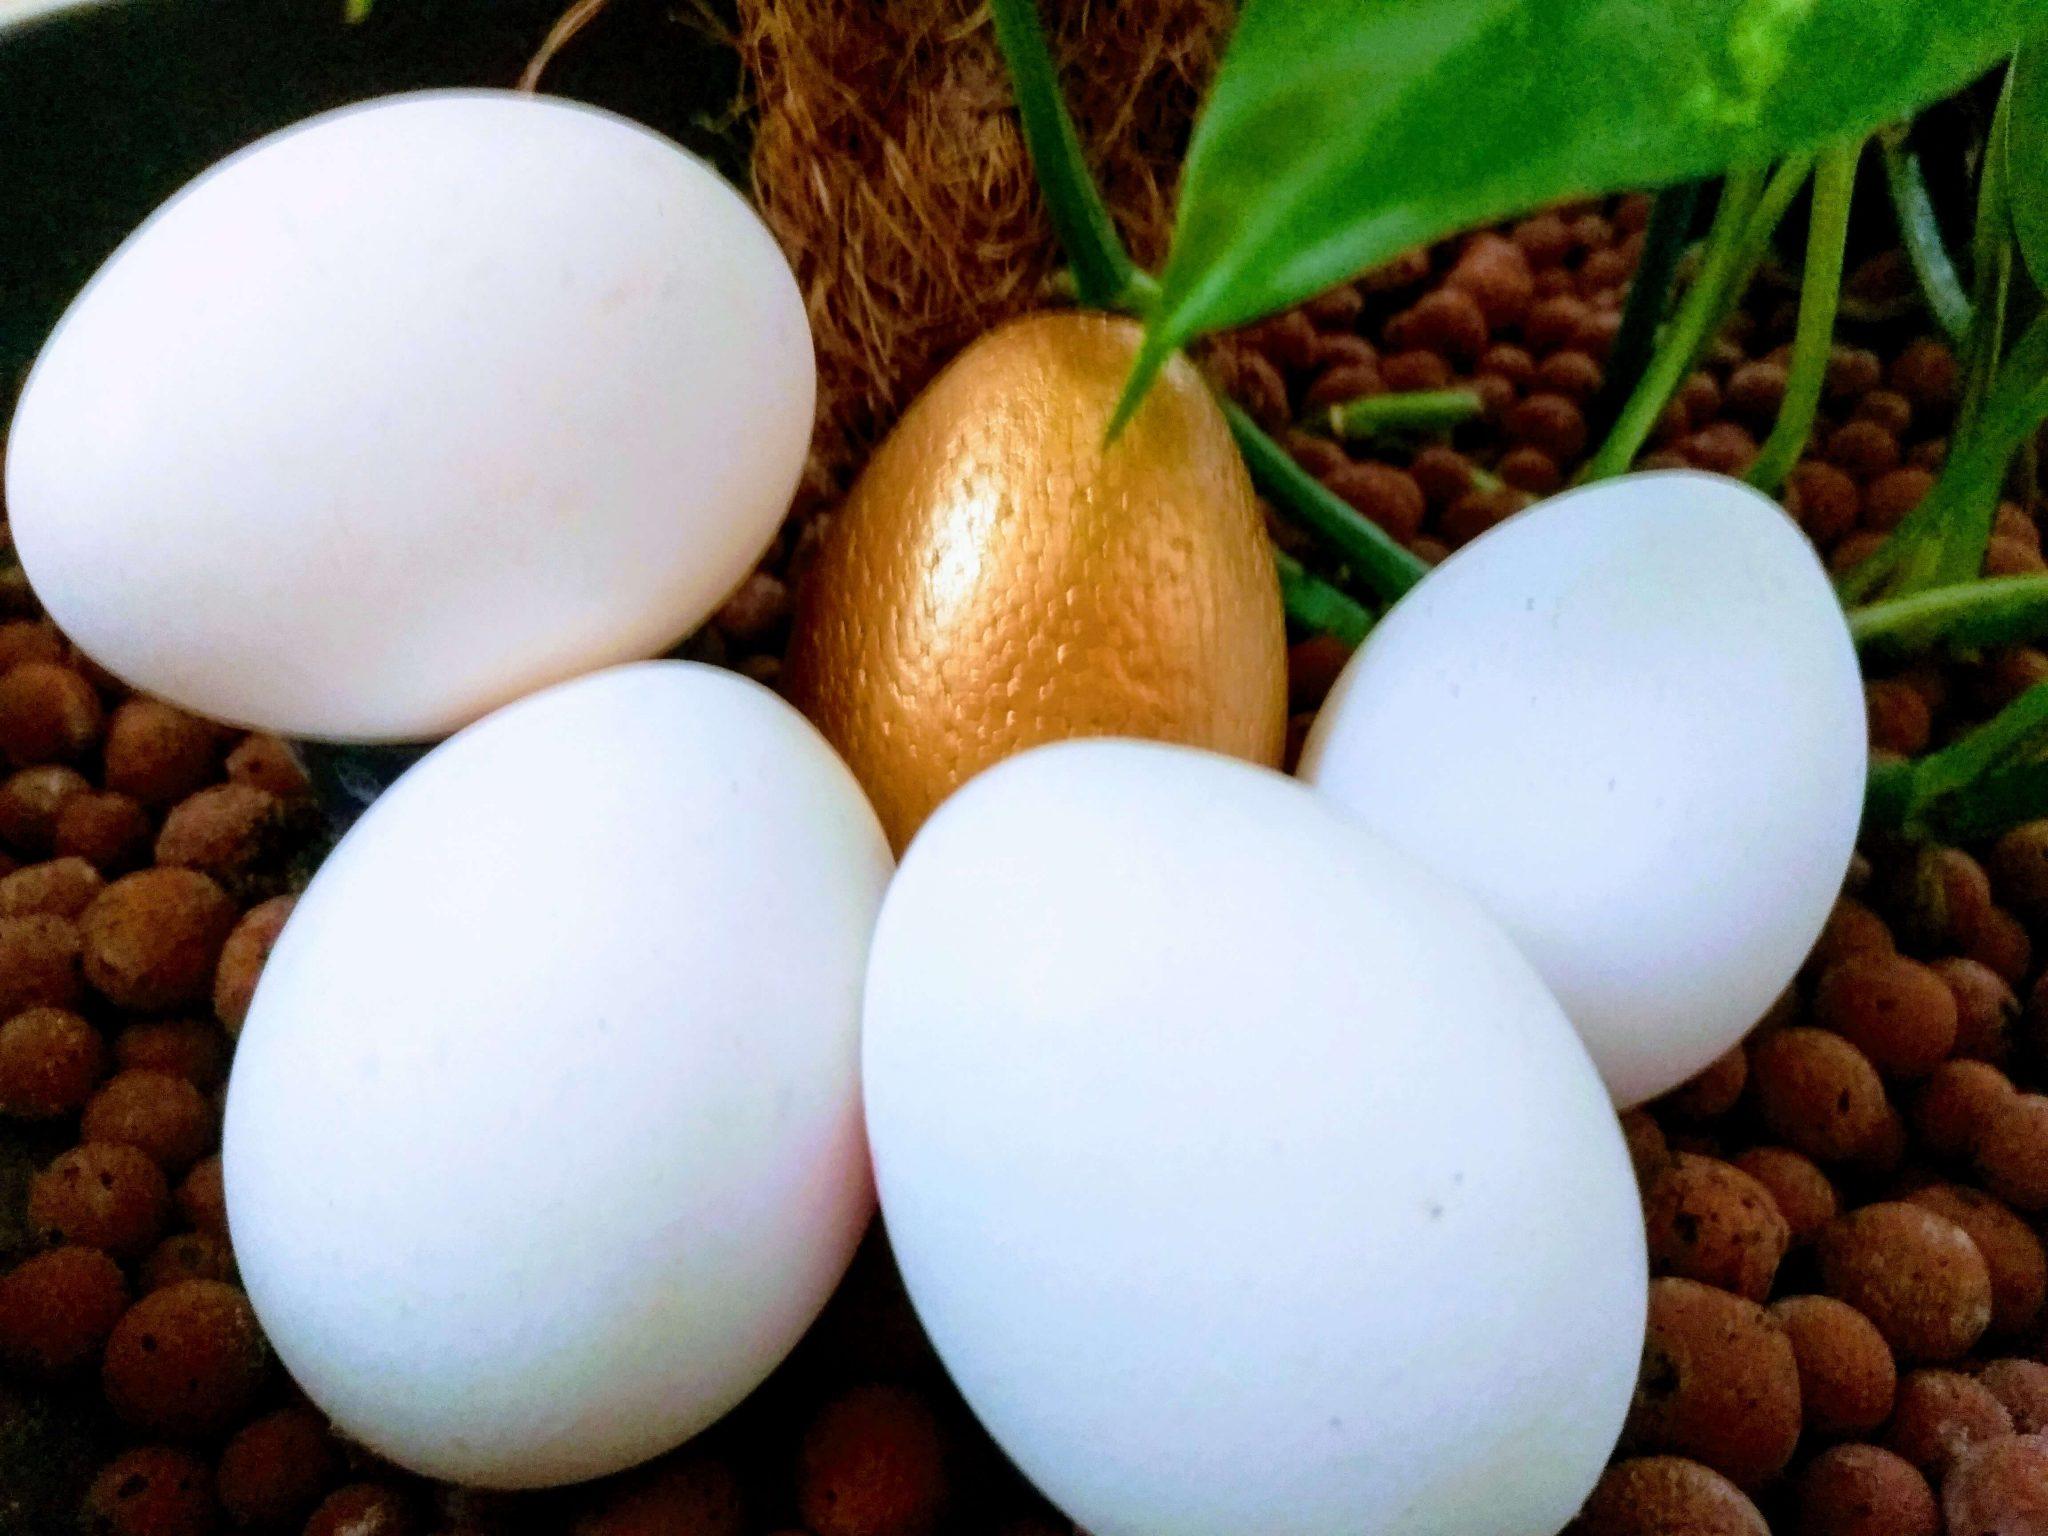 Kako postići da novac radi za vas? Ili zašto biste trebali nabaviti gusku koja nese zlatna jaja!